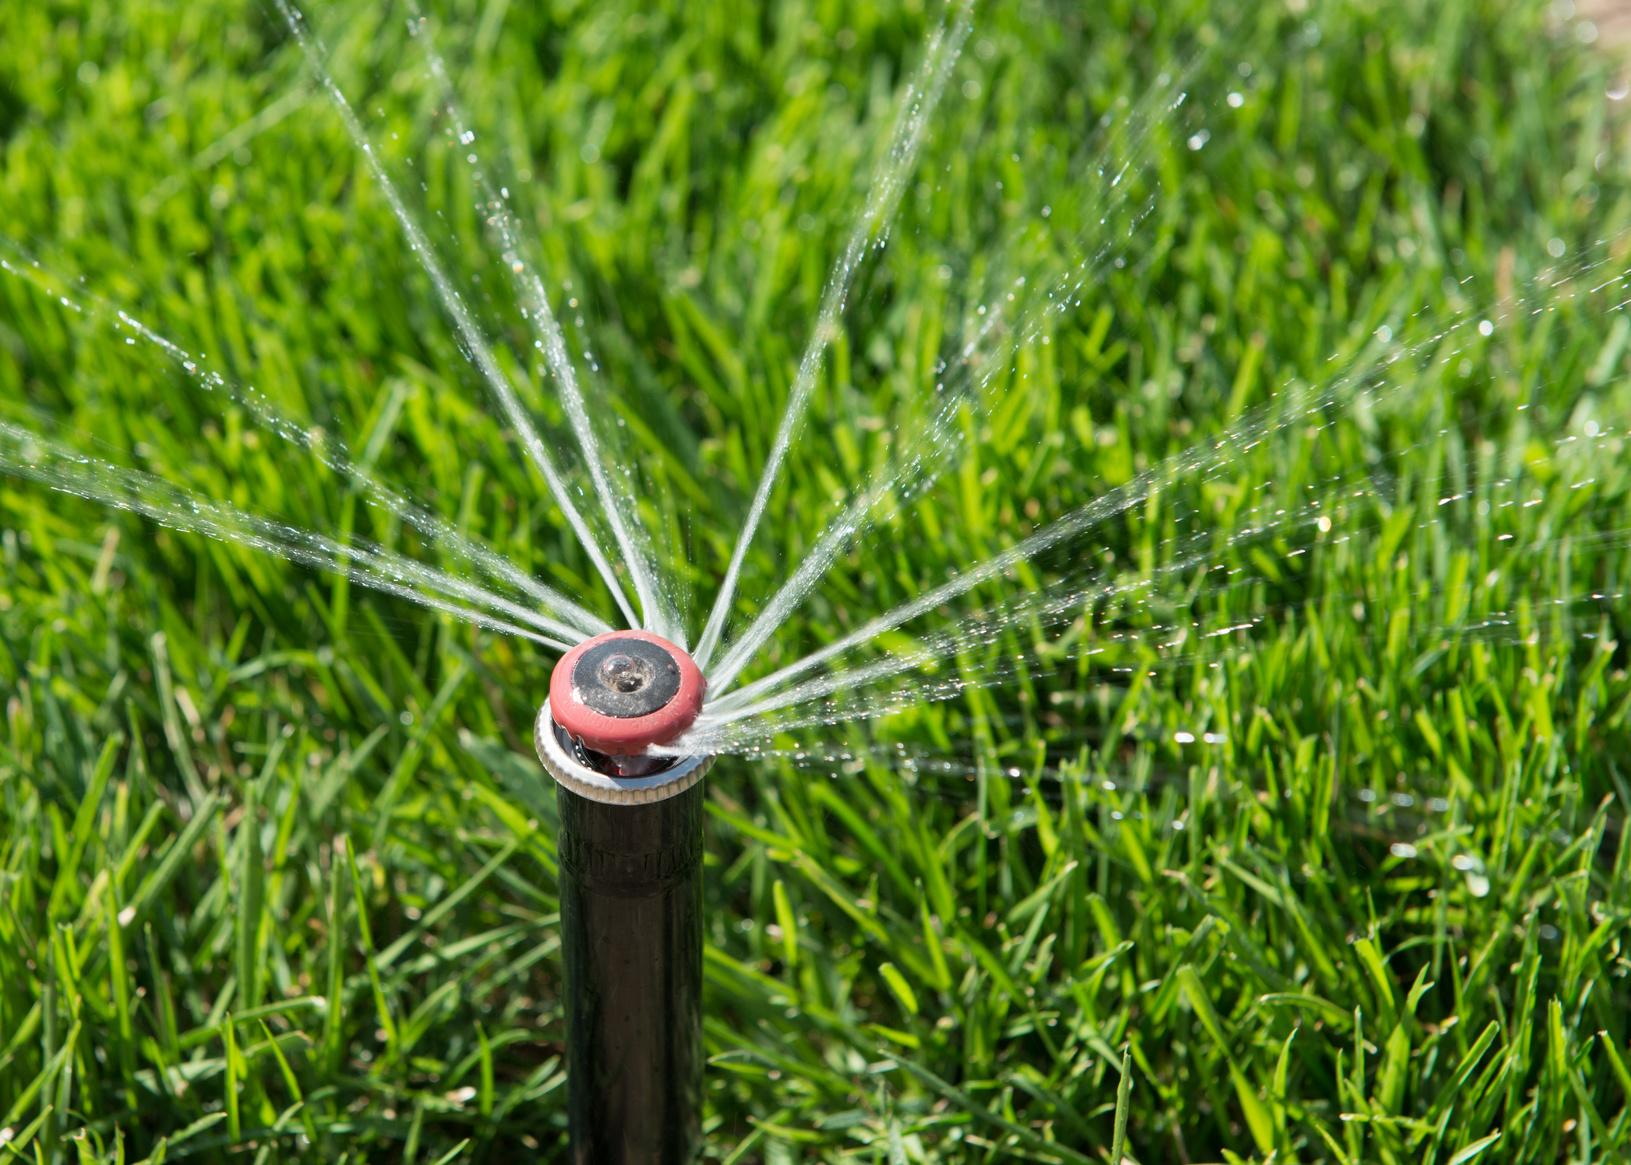 Comment Choisir Une Pompe D'arrosage De Jardin ? avec Pompe Pour Arroser Le Jardin